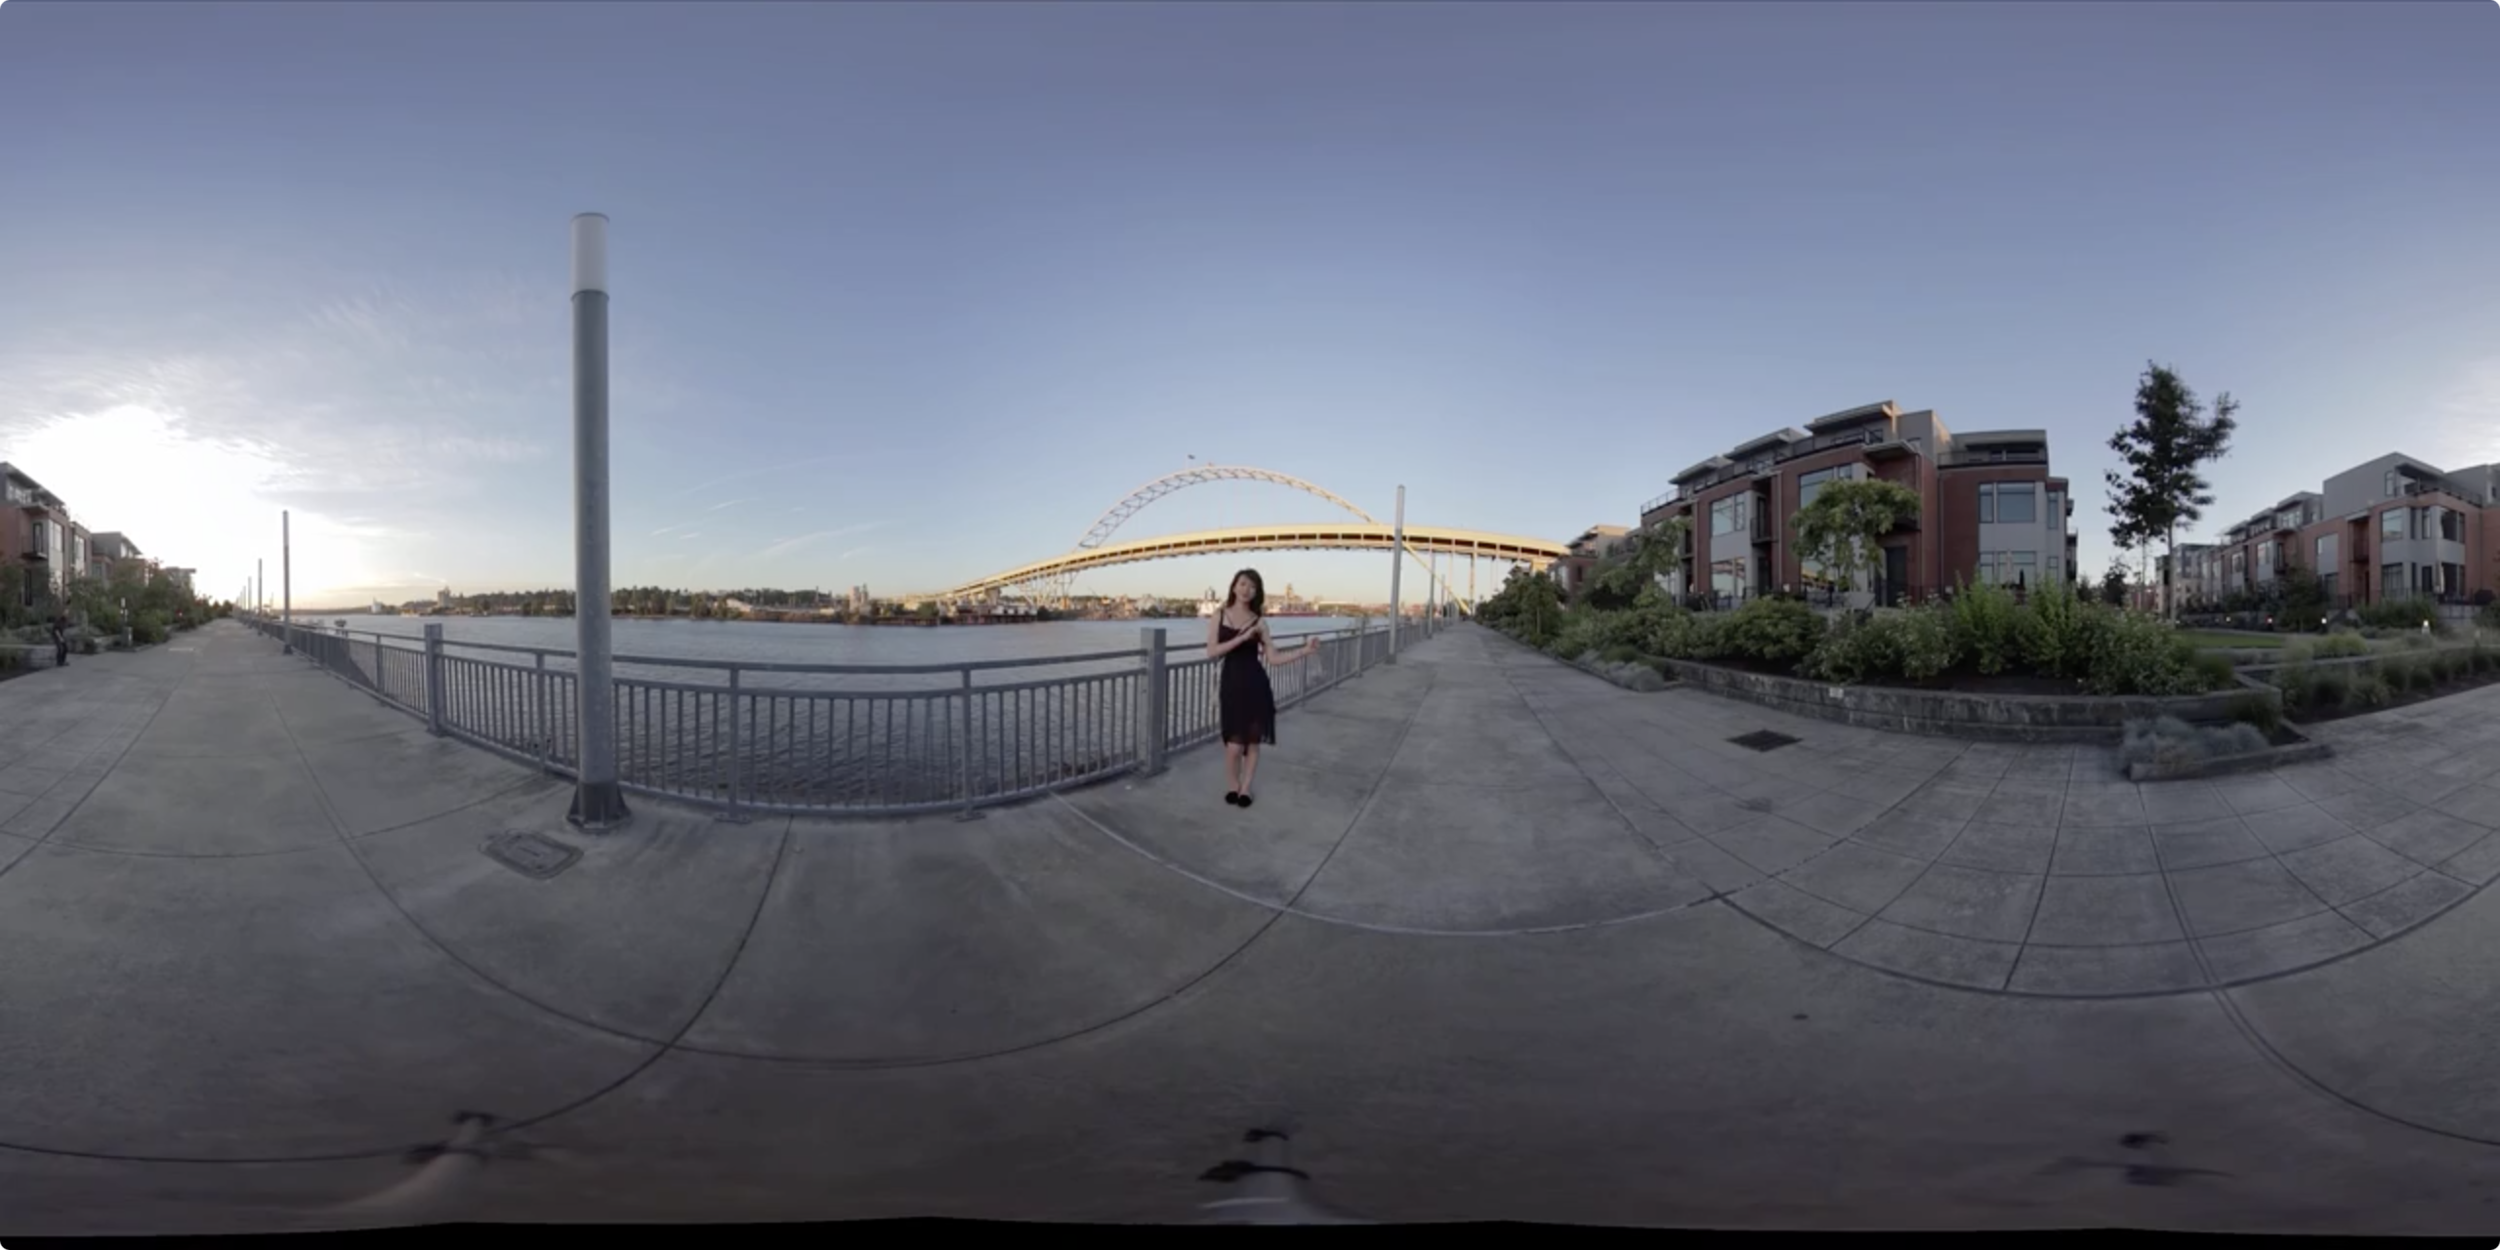 360 imageScreen Shot 2017-11-28 at 11.25.30.png